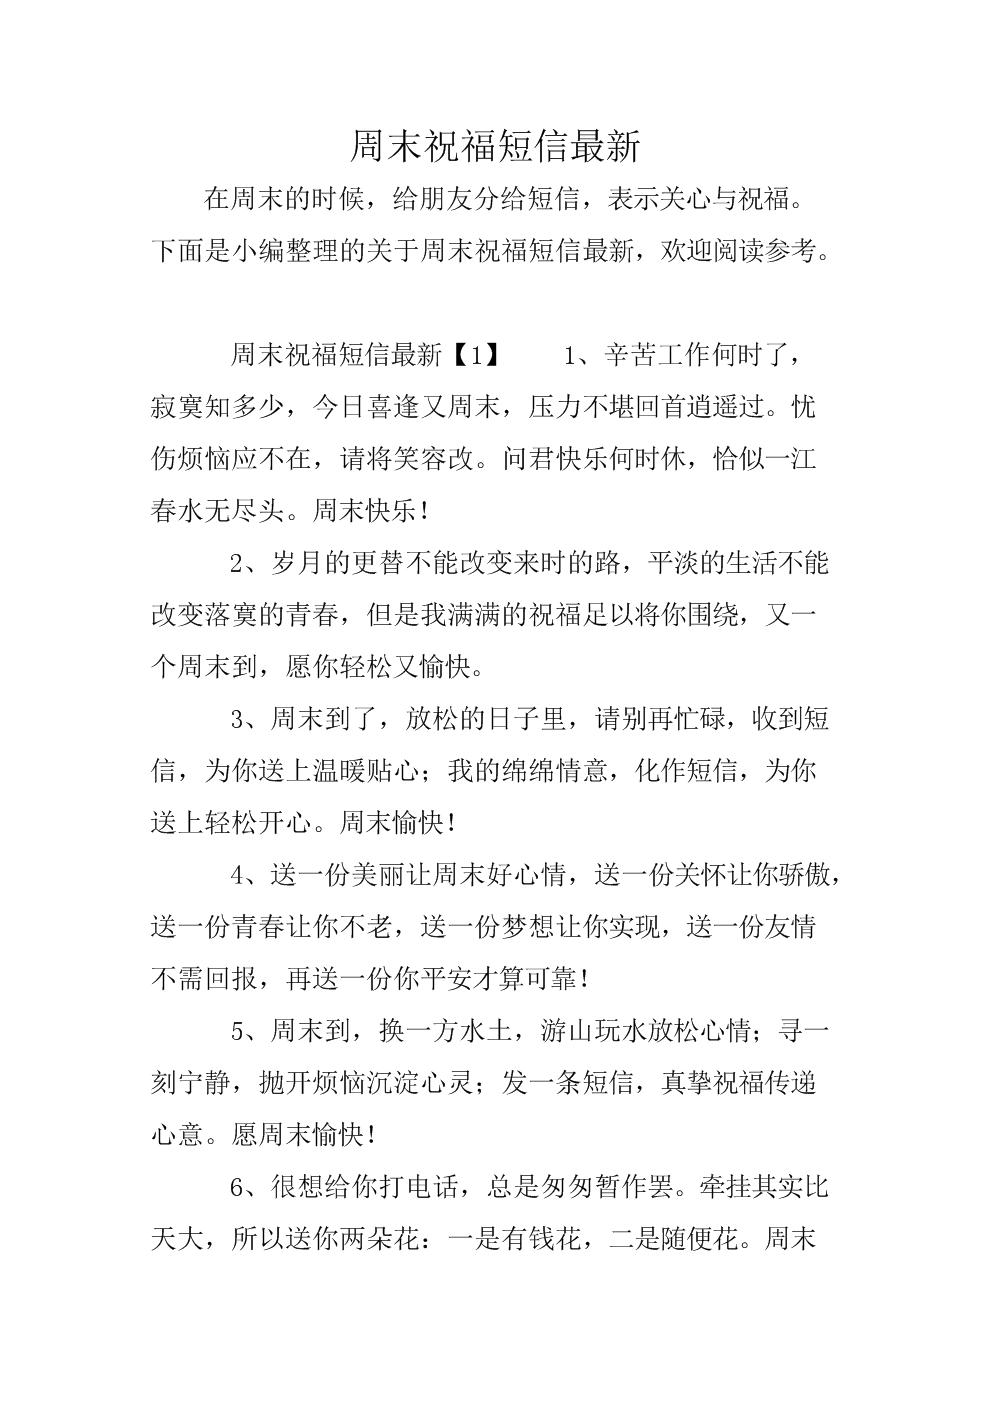 日常祝福短信大全.doc